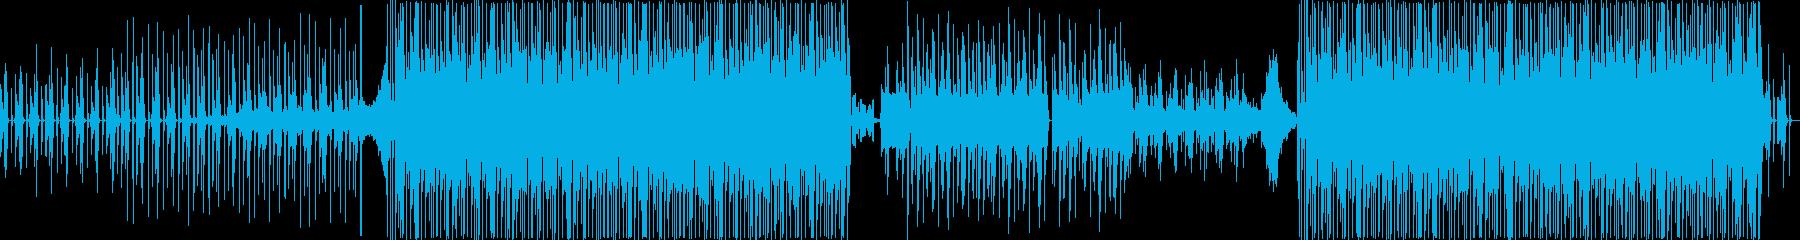 トロピカル・おしゃれ・軽快BGMメロなしの再生済みの波形